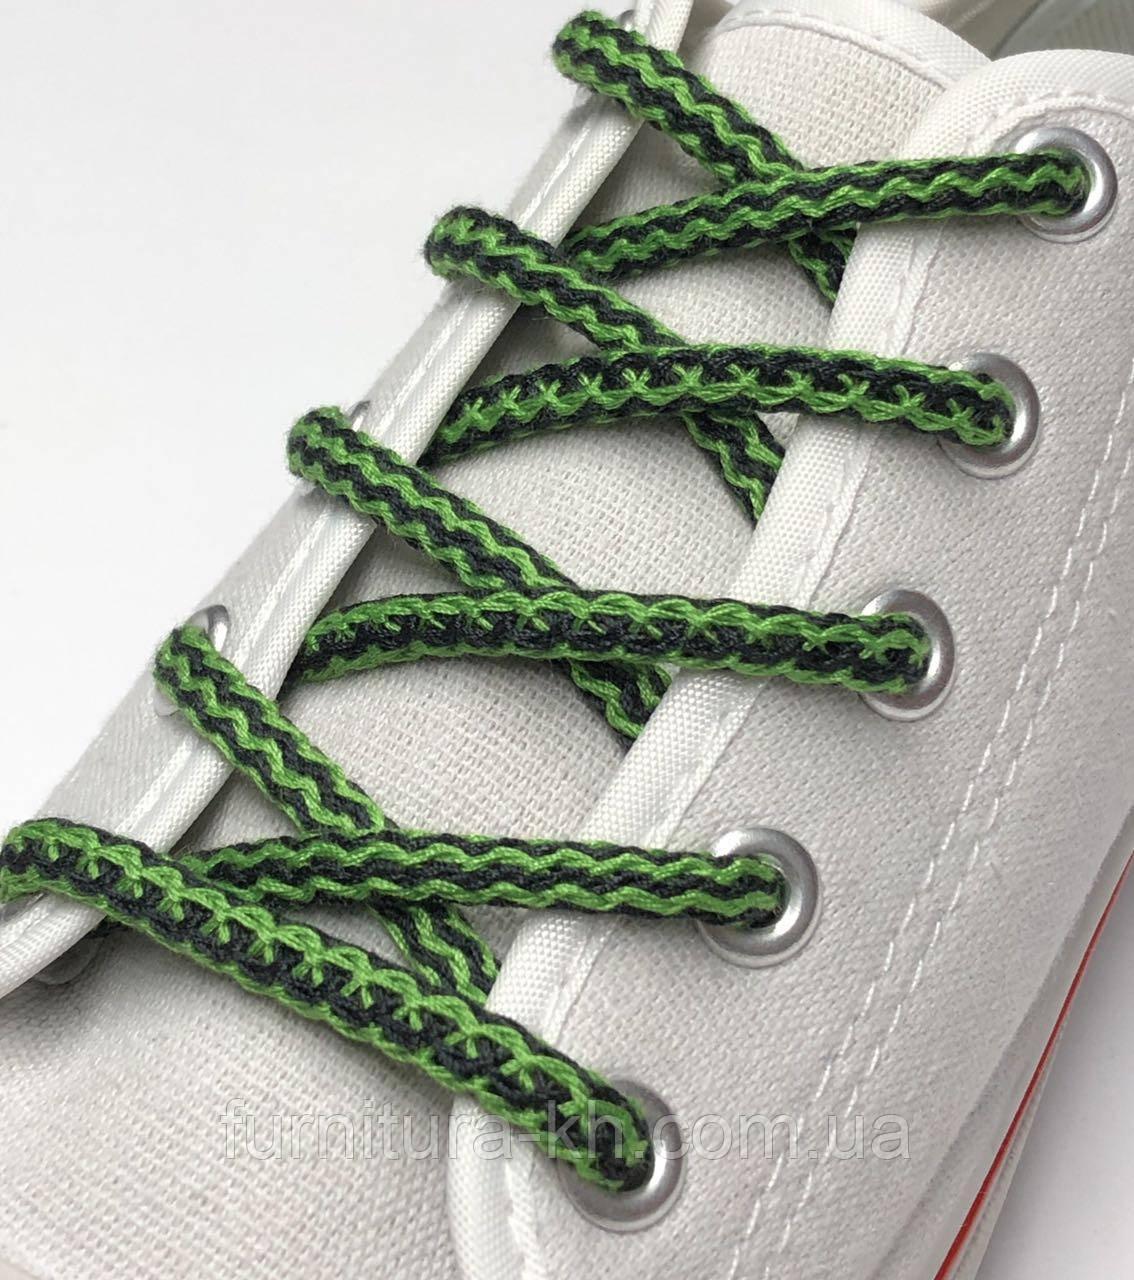 Шнурок Простой Круглый.Длинна 1,2 метр цвет Черно Зеленый (толщина 5 мм)